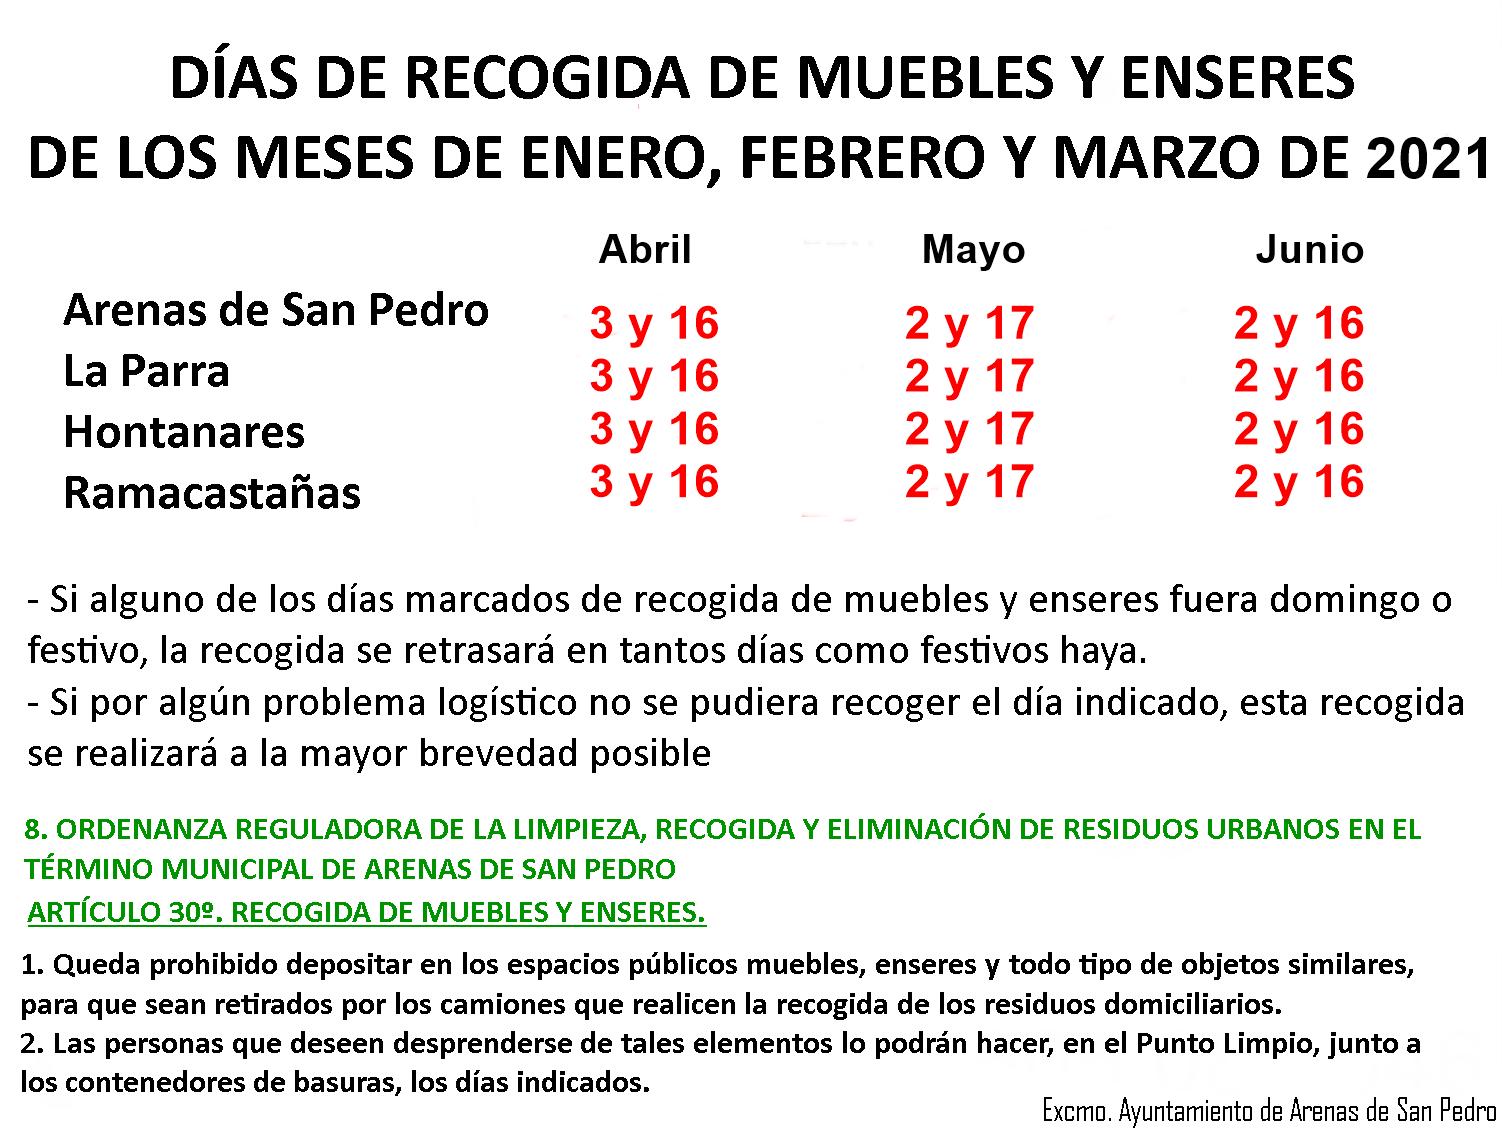 Días de recogida de enseres de abril, mayo y junio de 2021 en Arenas de San Pedro.